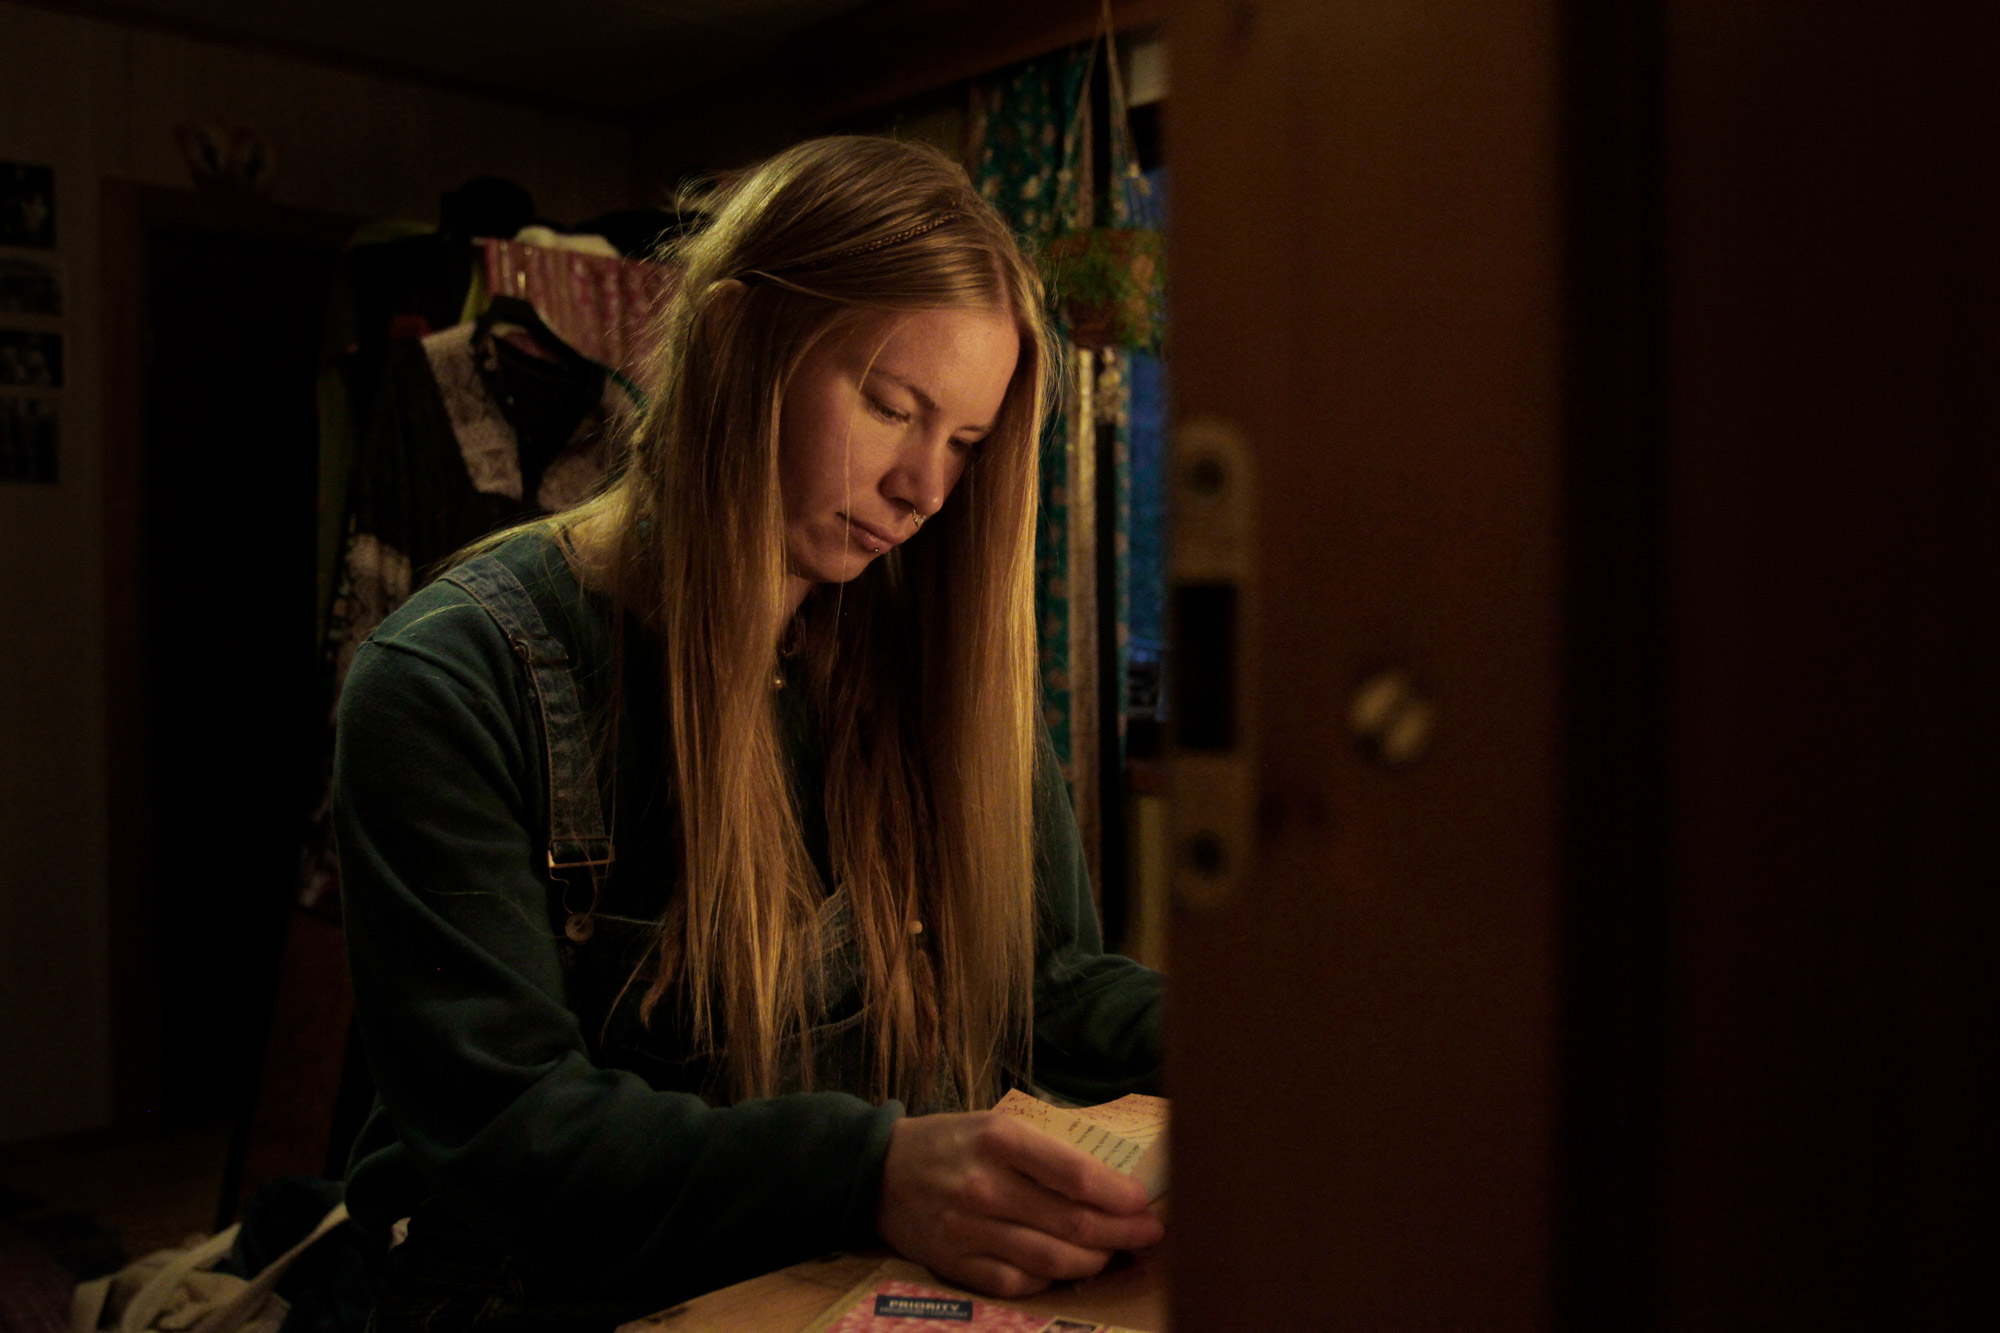 pitkähiuksinen nainen lukee kirjettä huoneessa lampun valossa